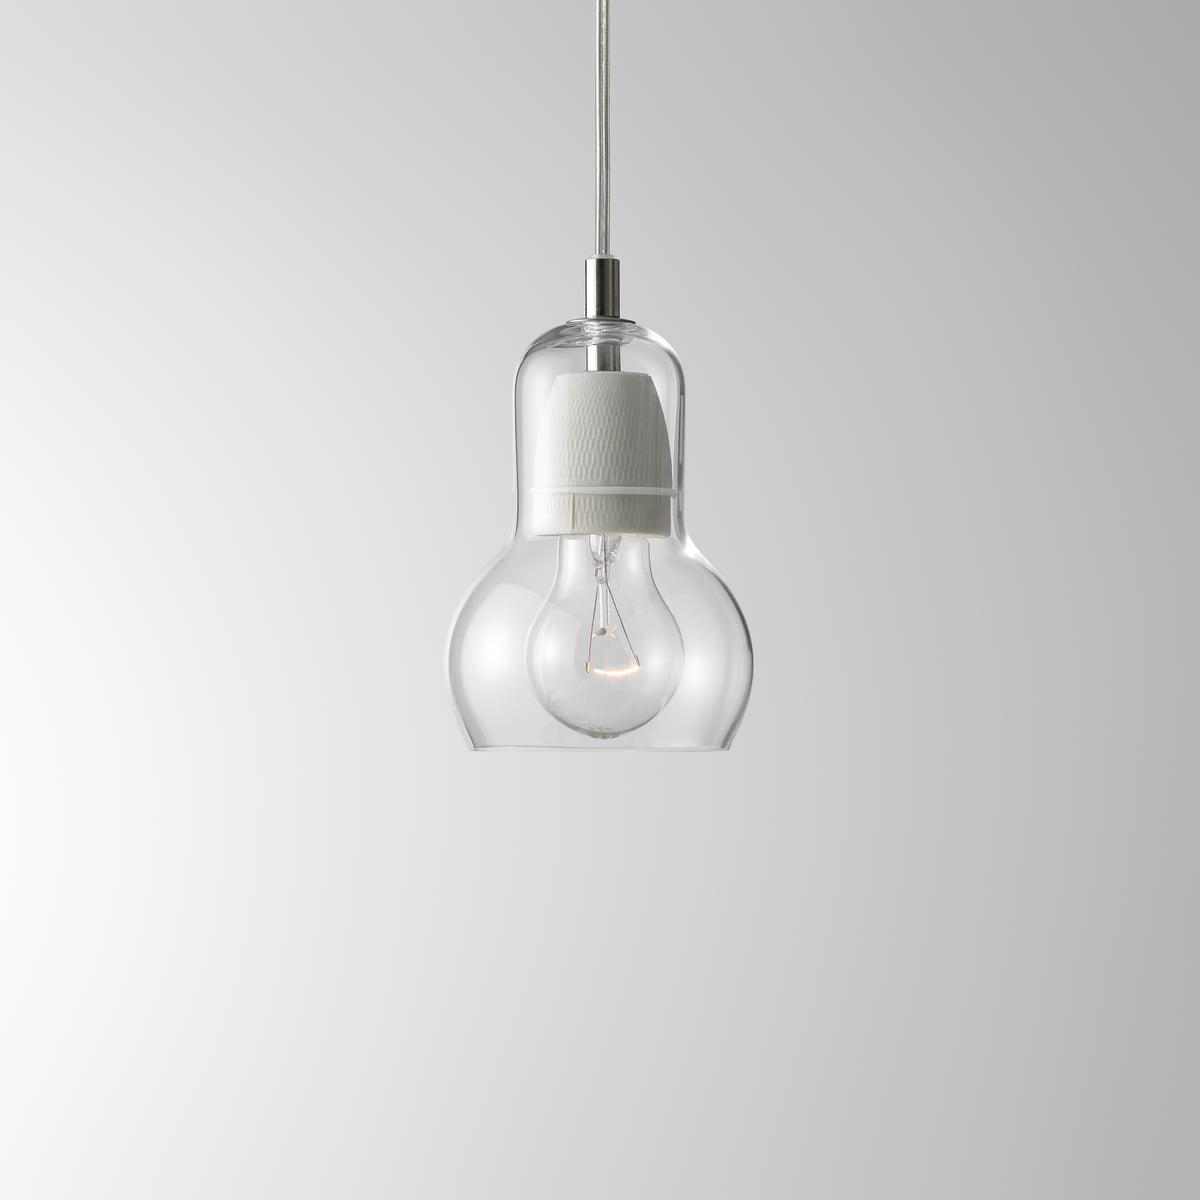 Bulb Pendelleuchte von Sofie Refer